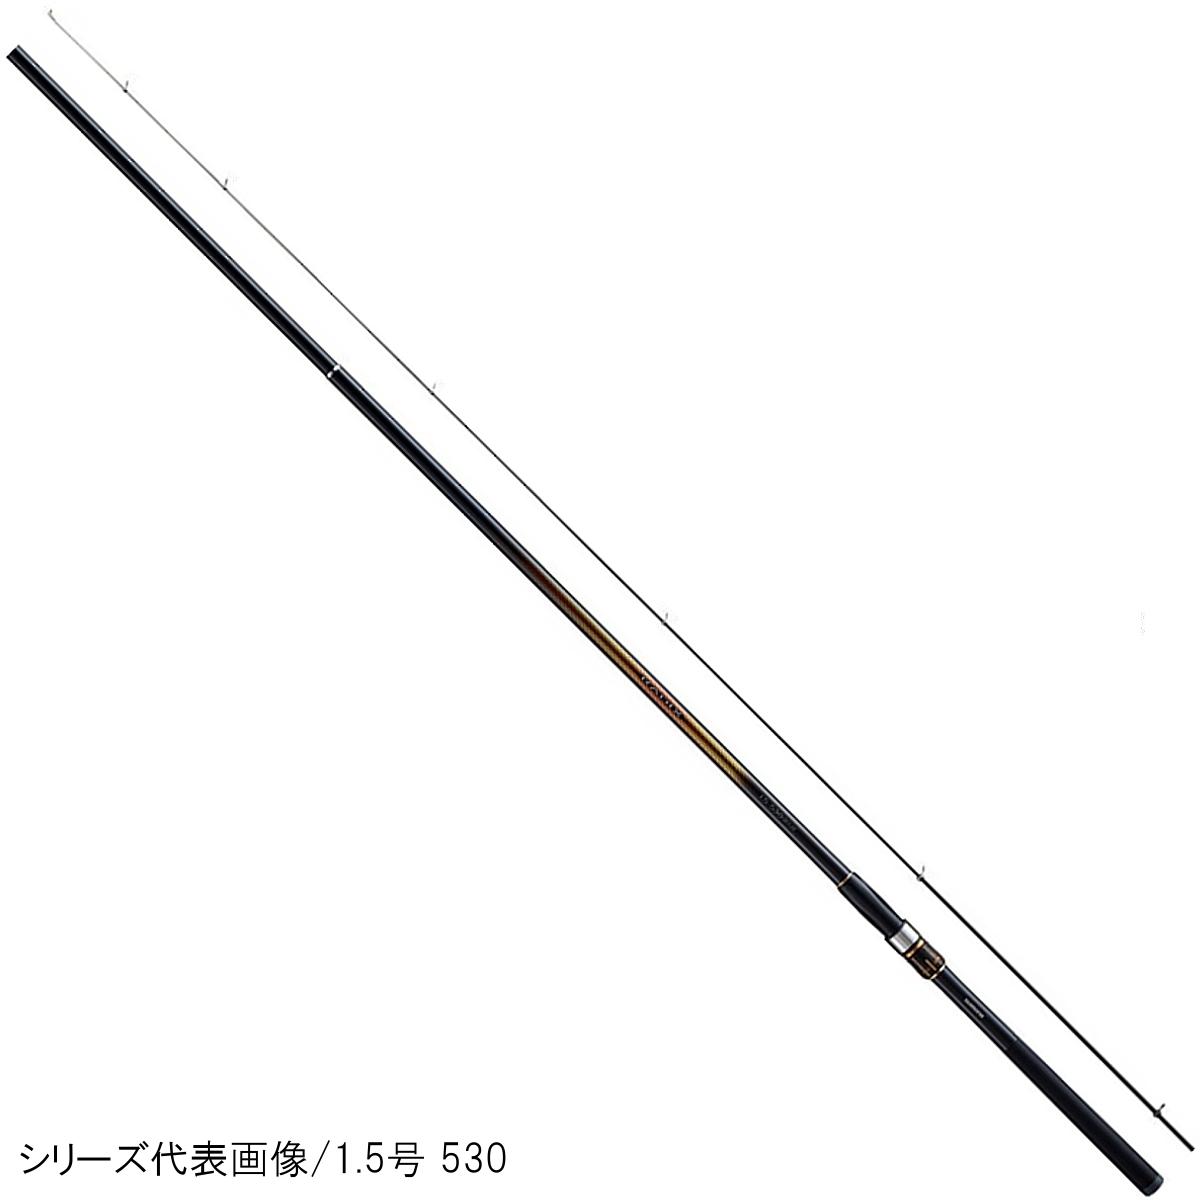 シマノ ラディックス 1.2号 500【送料無料】